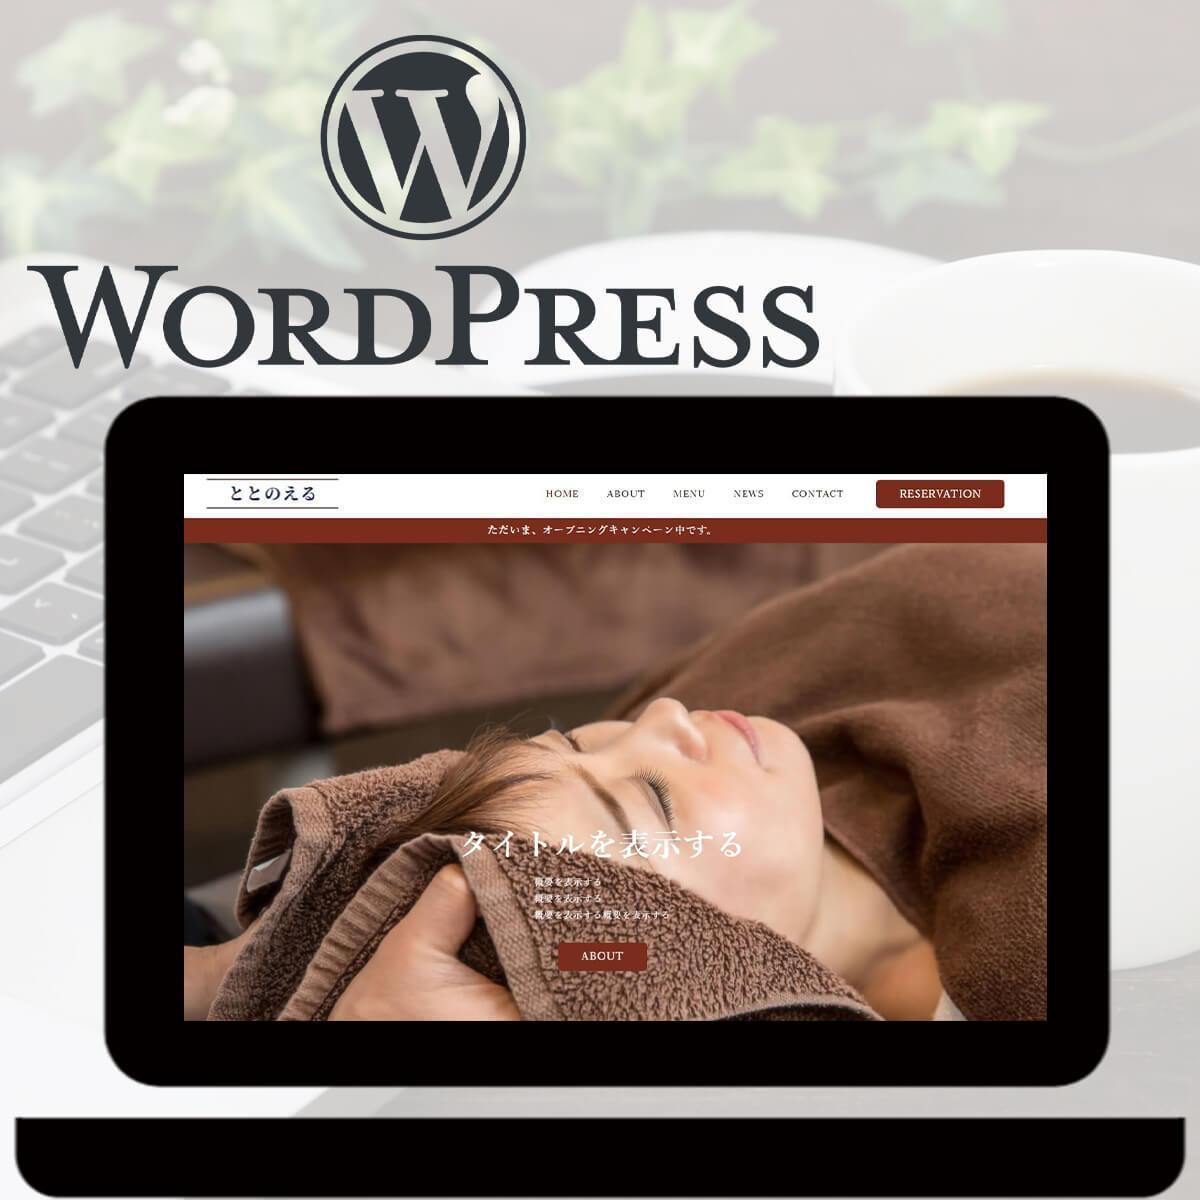 先着1名様! 格安で高品質なホームページ制作します 【お手軽】面倒なサーバー、ドメインも取得・設定も行います! イメージ1